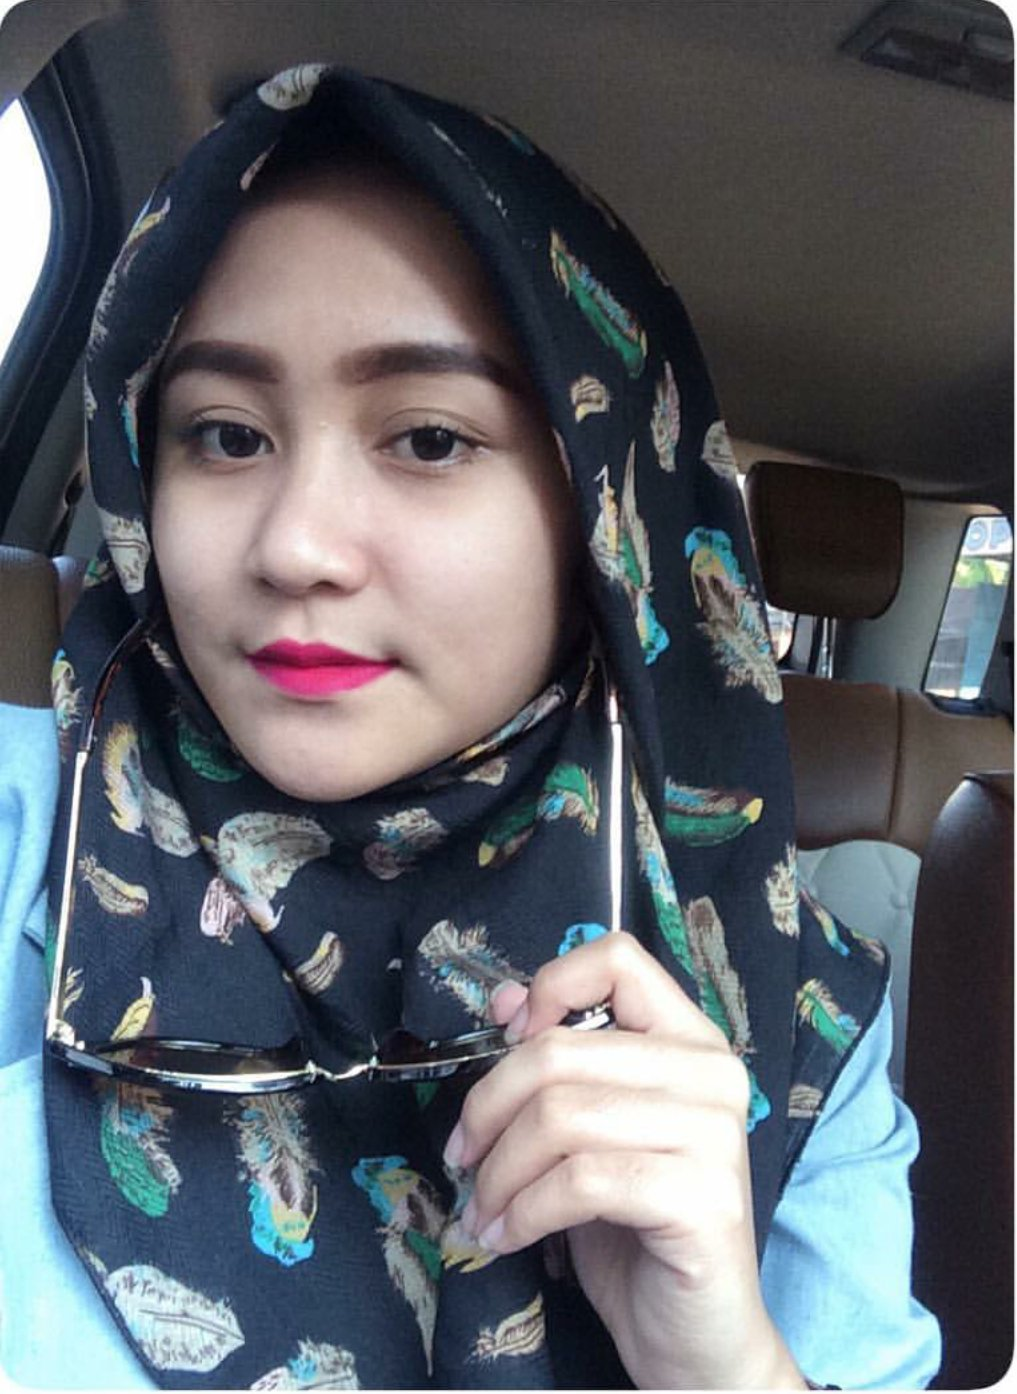 Hijab Seksi Cantiknya Mahasiswa Berhijab Foto Selfie-1803